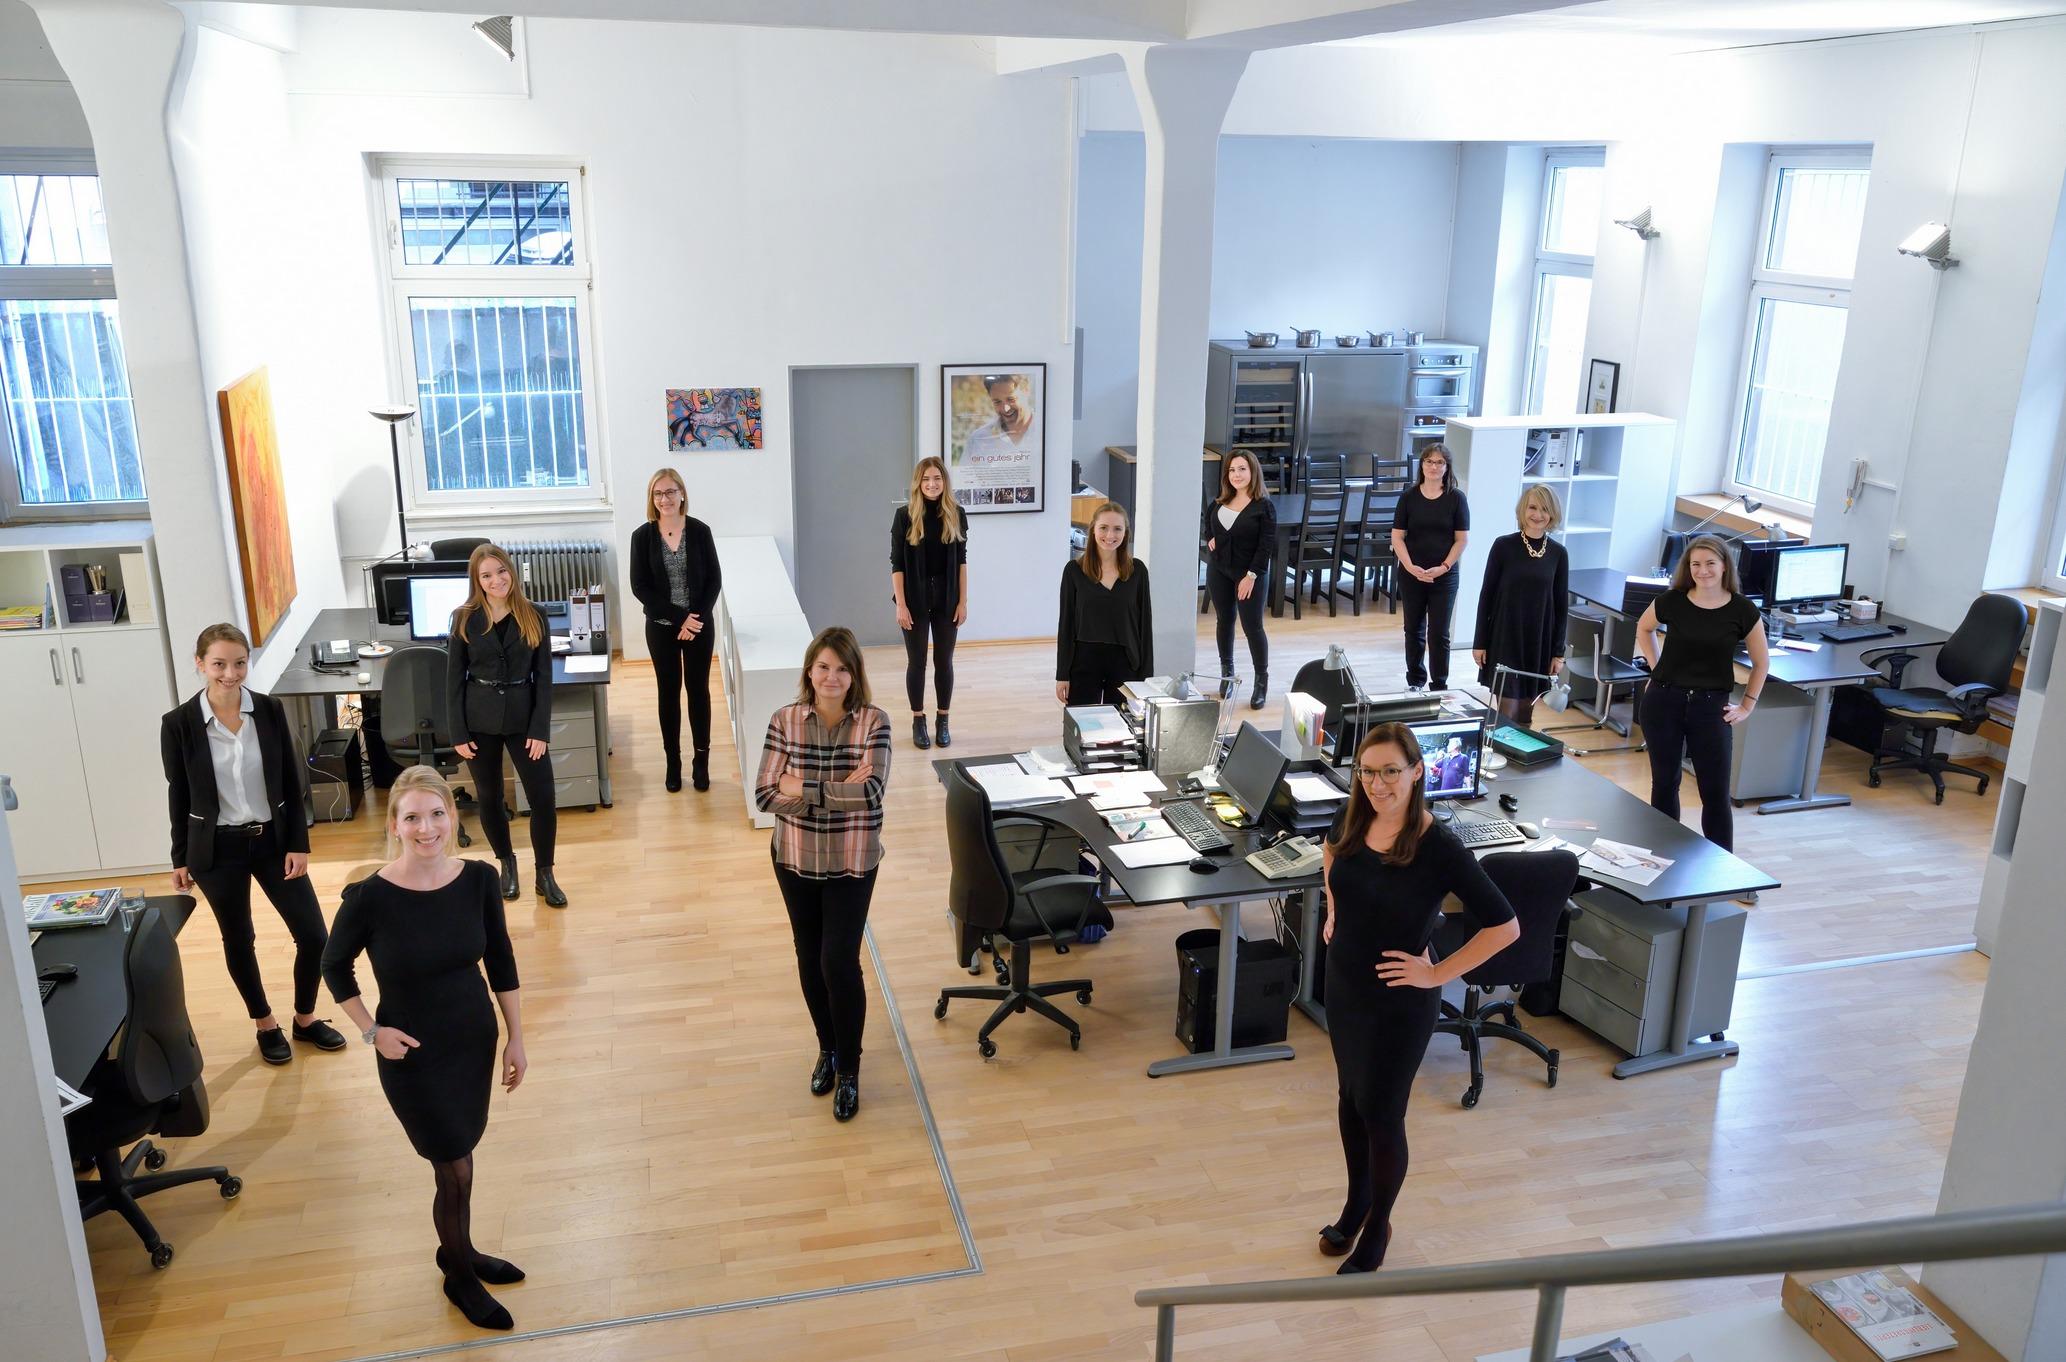 Susanne Drexler revolutioniert den PR-Markt mit Baukasten-System auf Augenhöhe